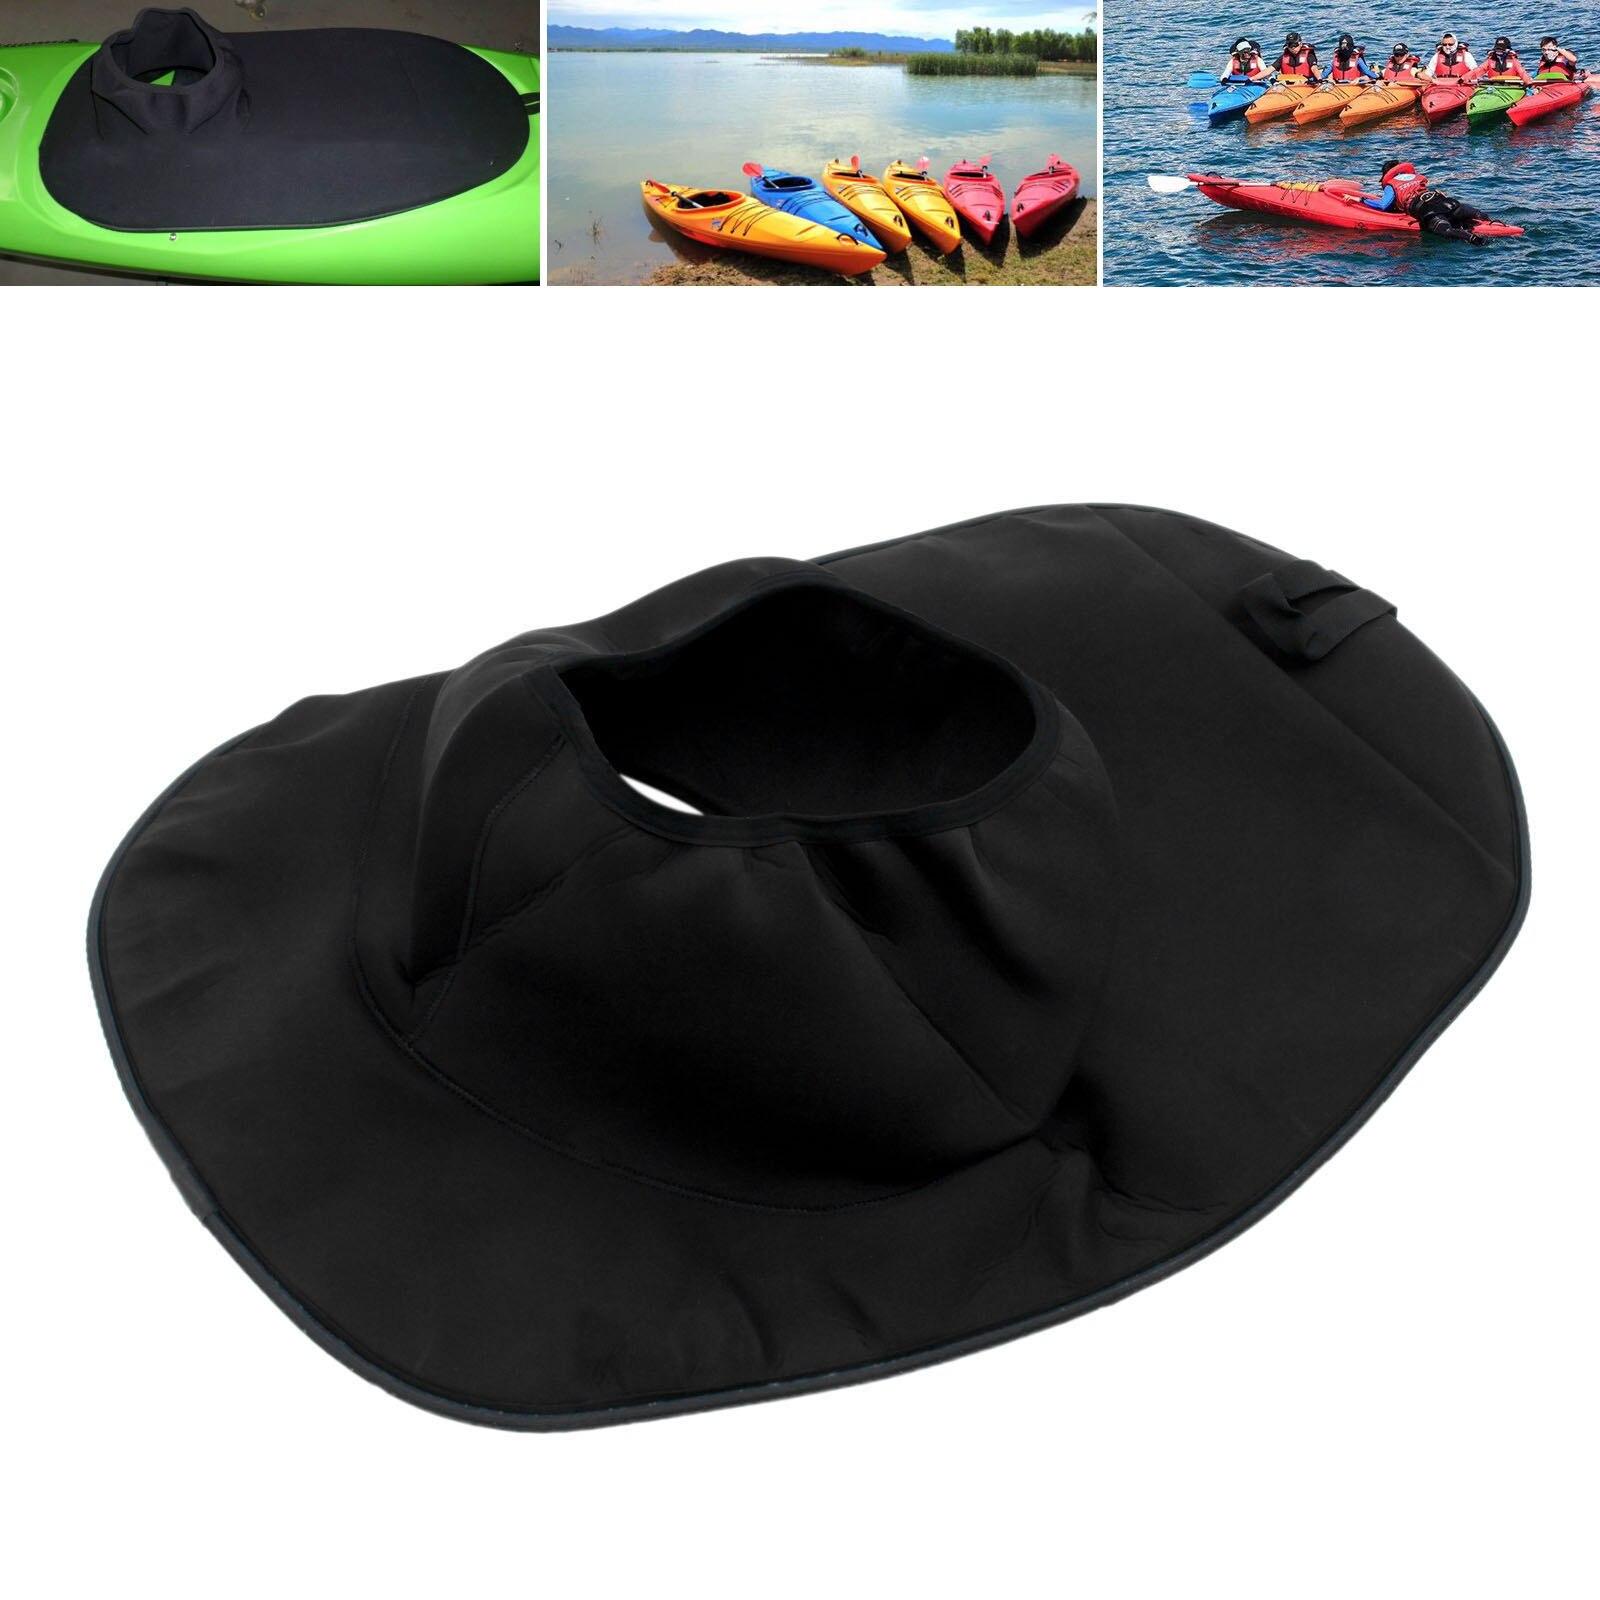 1 Pc couverture imperméable de jupe de plate-forme de jet marin de Kayak de tissu pour 86 cm de tour de taille Maximum accessoires universels de bateau d'aviron